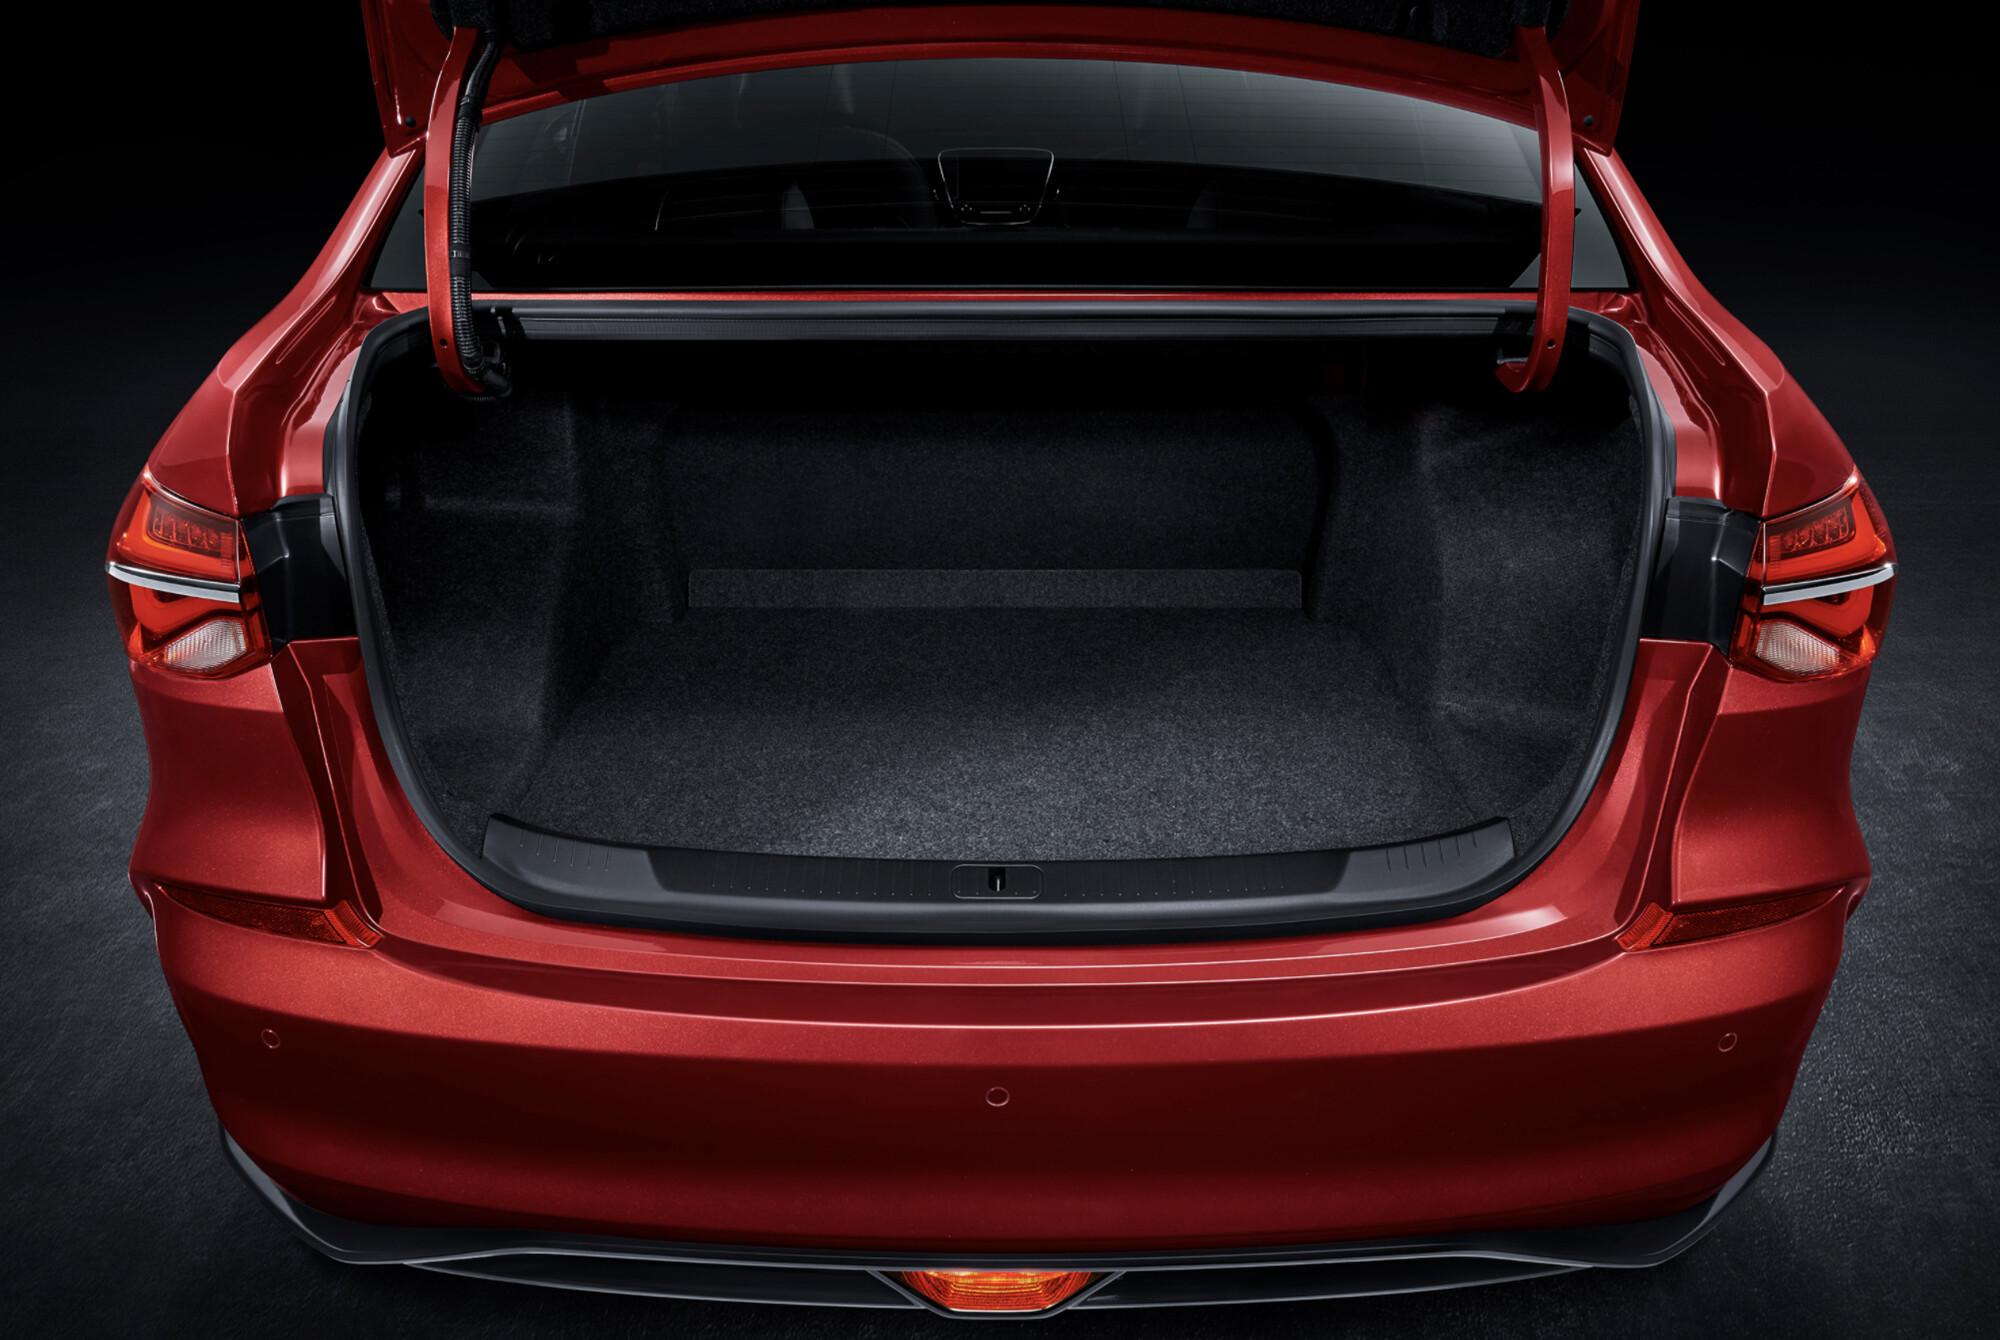 Foto de Chevrolet Cavalier 2022 (22/24)